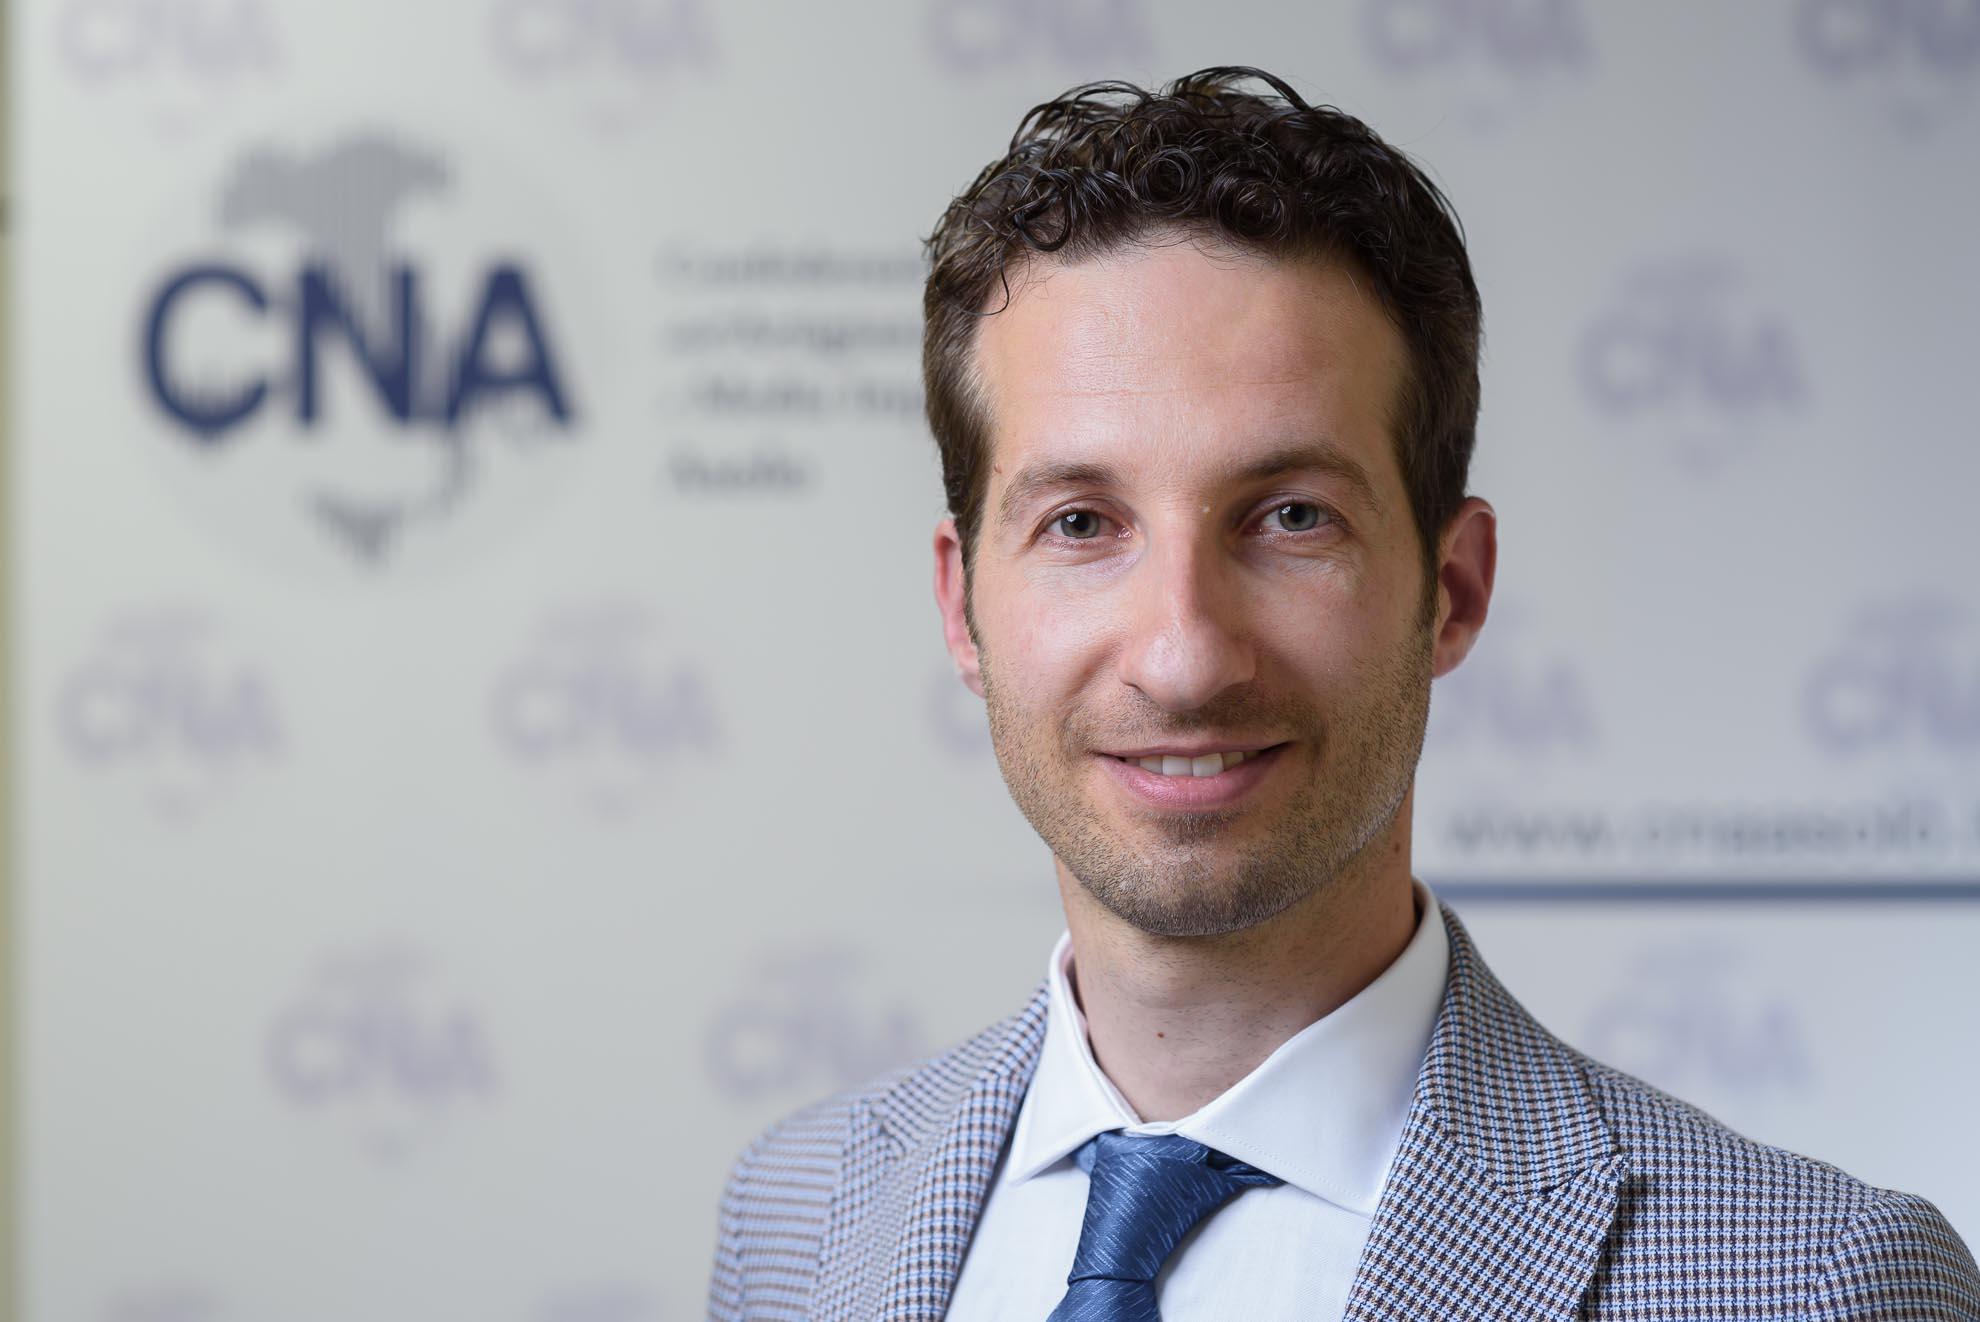 CONGRESSI - L'ing. Francesco Pilotto eletto presidente di CNA Asolo